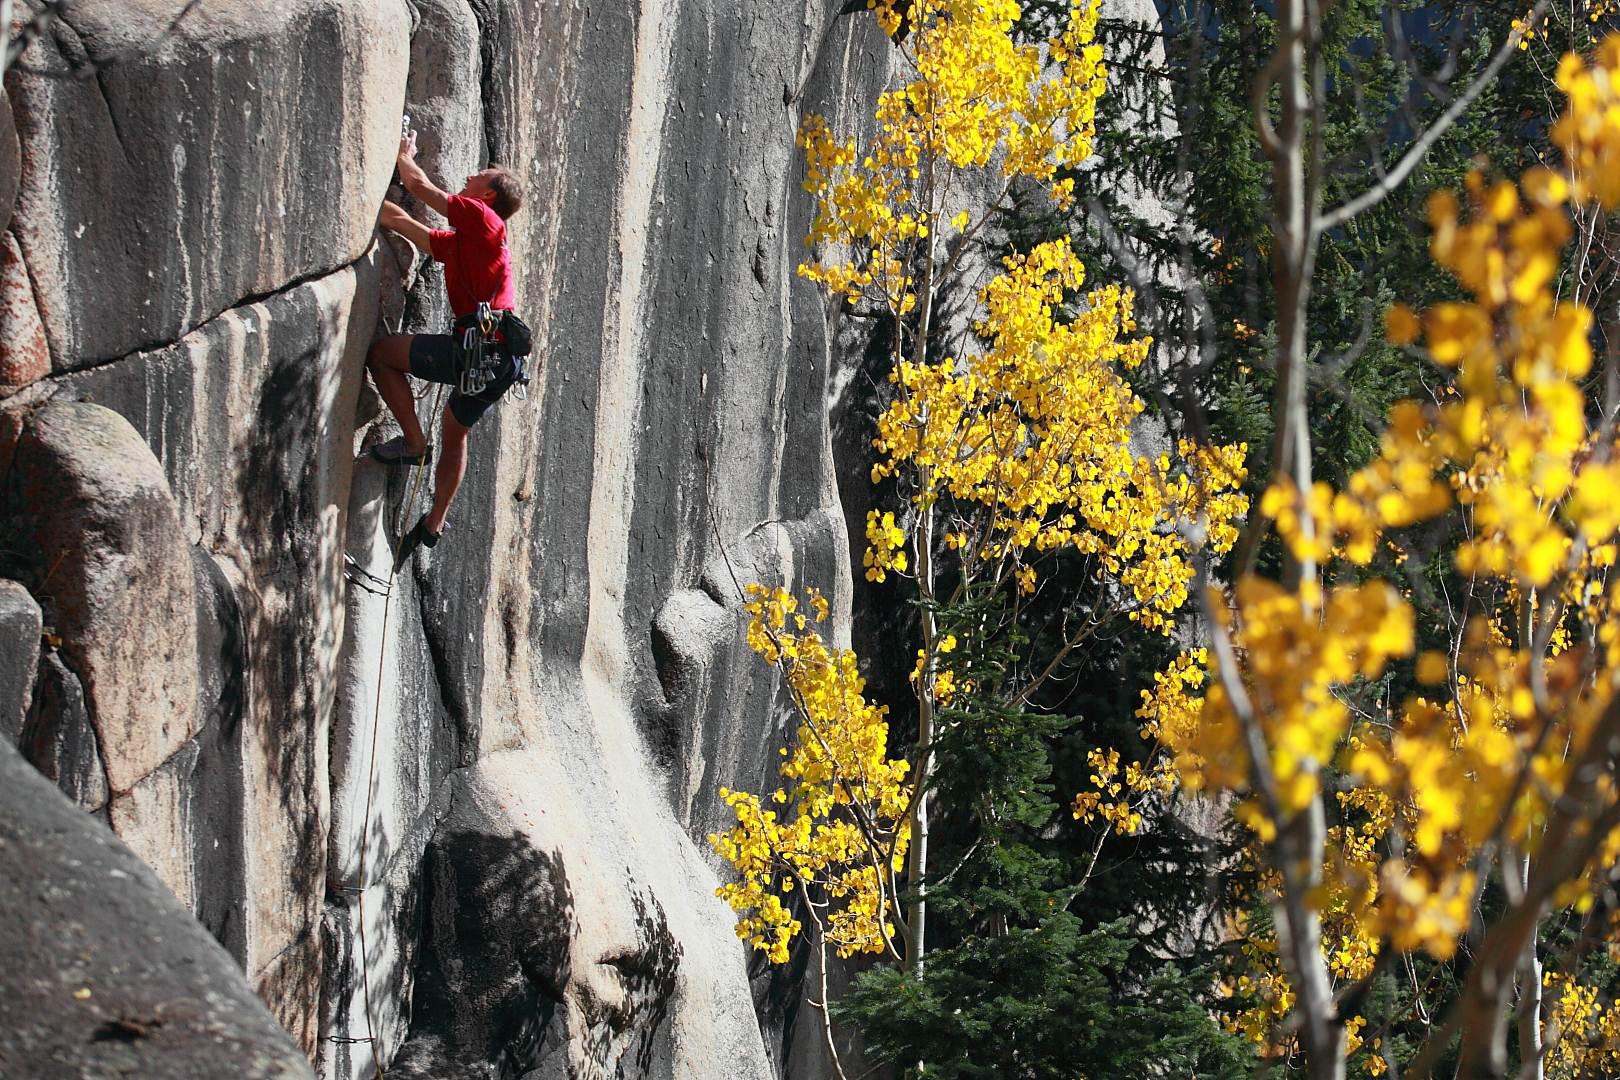 Rock climbing Outrageous Overhangs